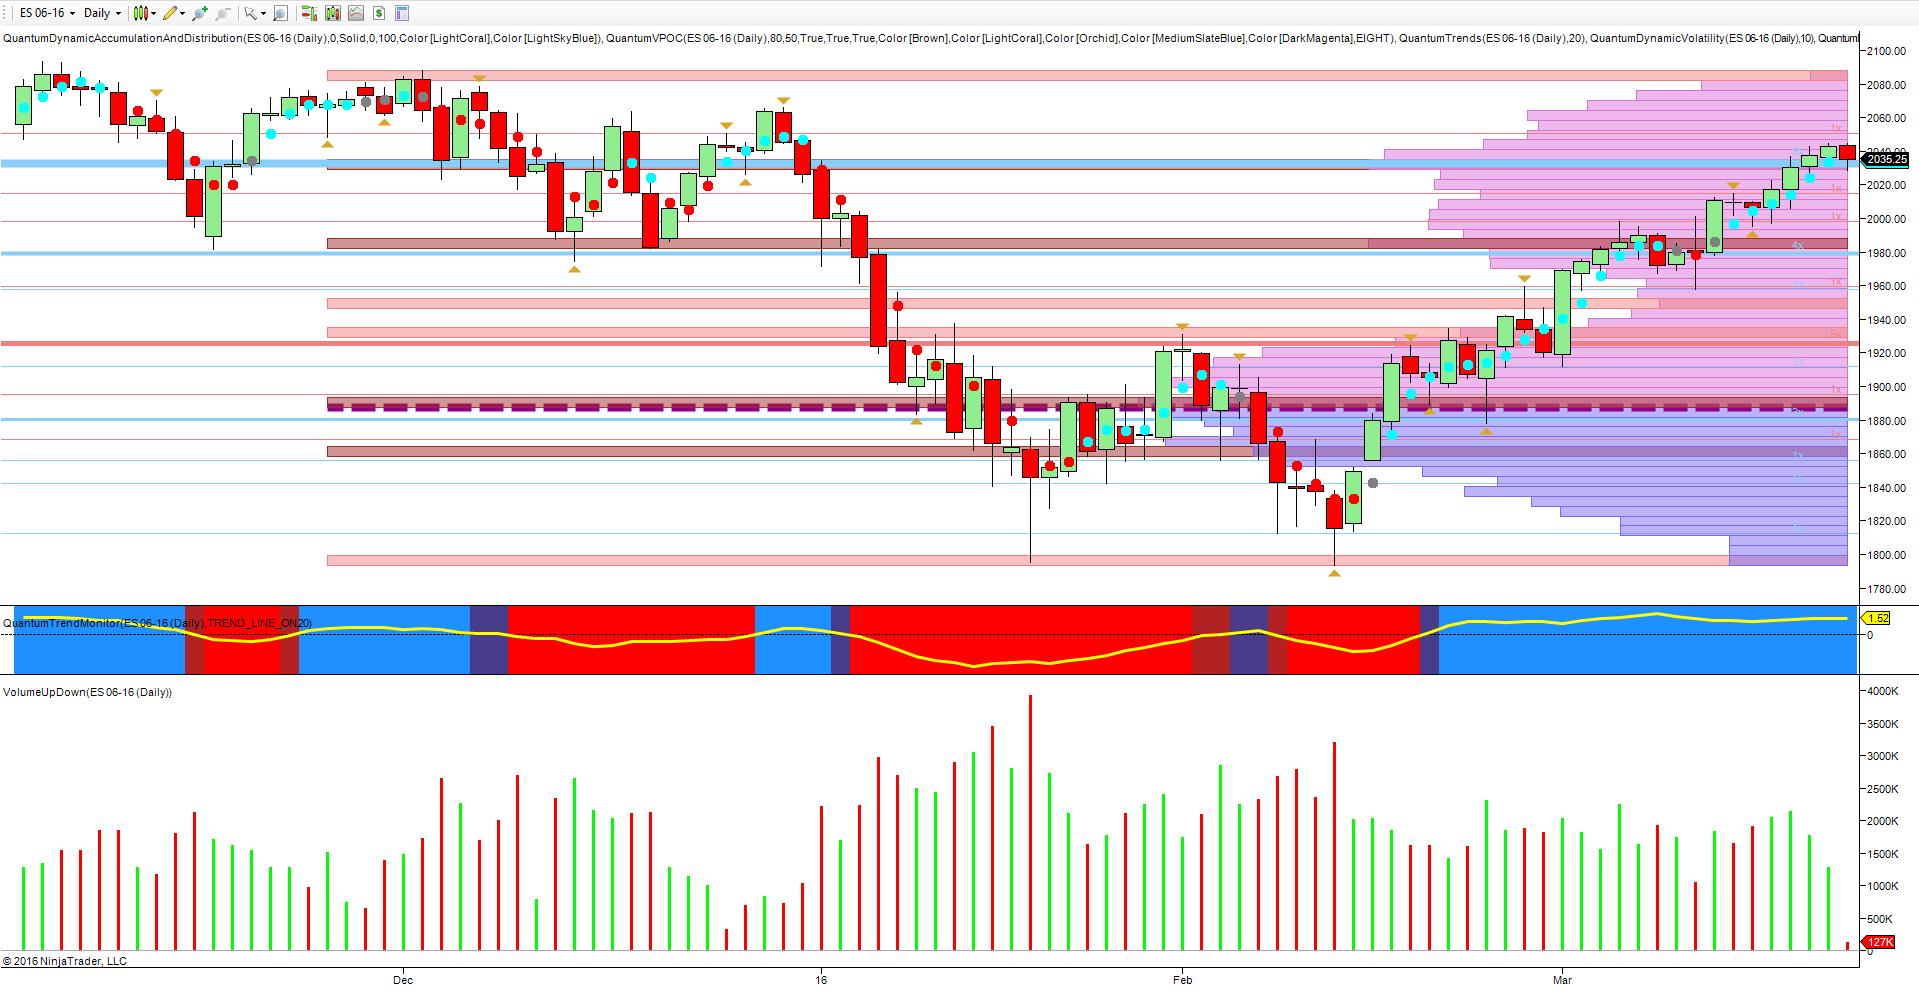 ES_daily_chart_beckoning